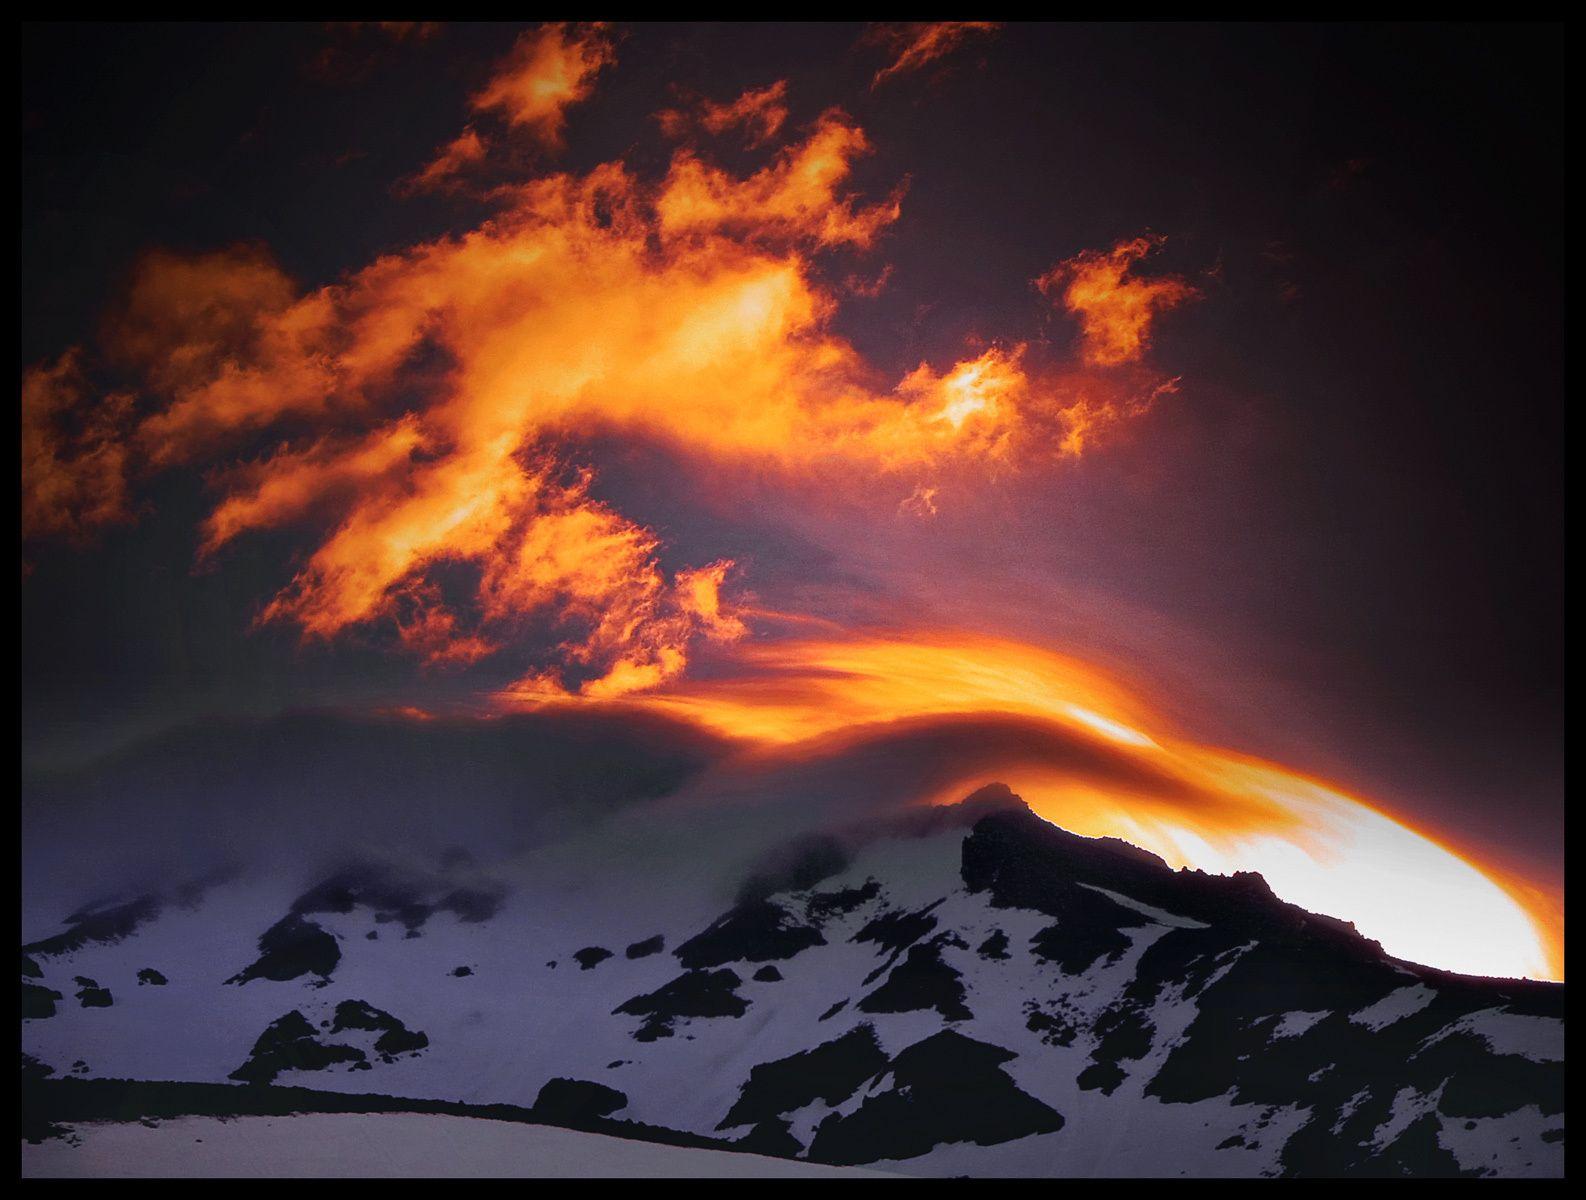 Mt. Shasta, v.1